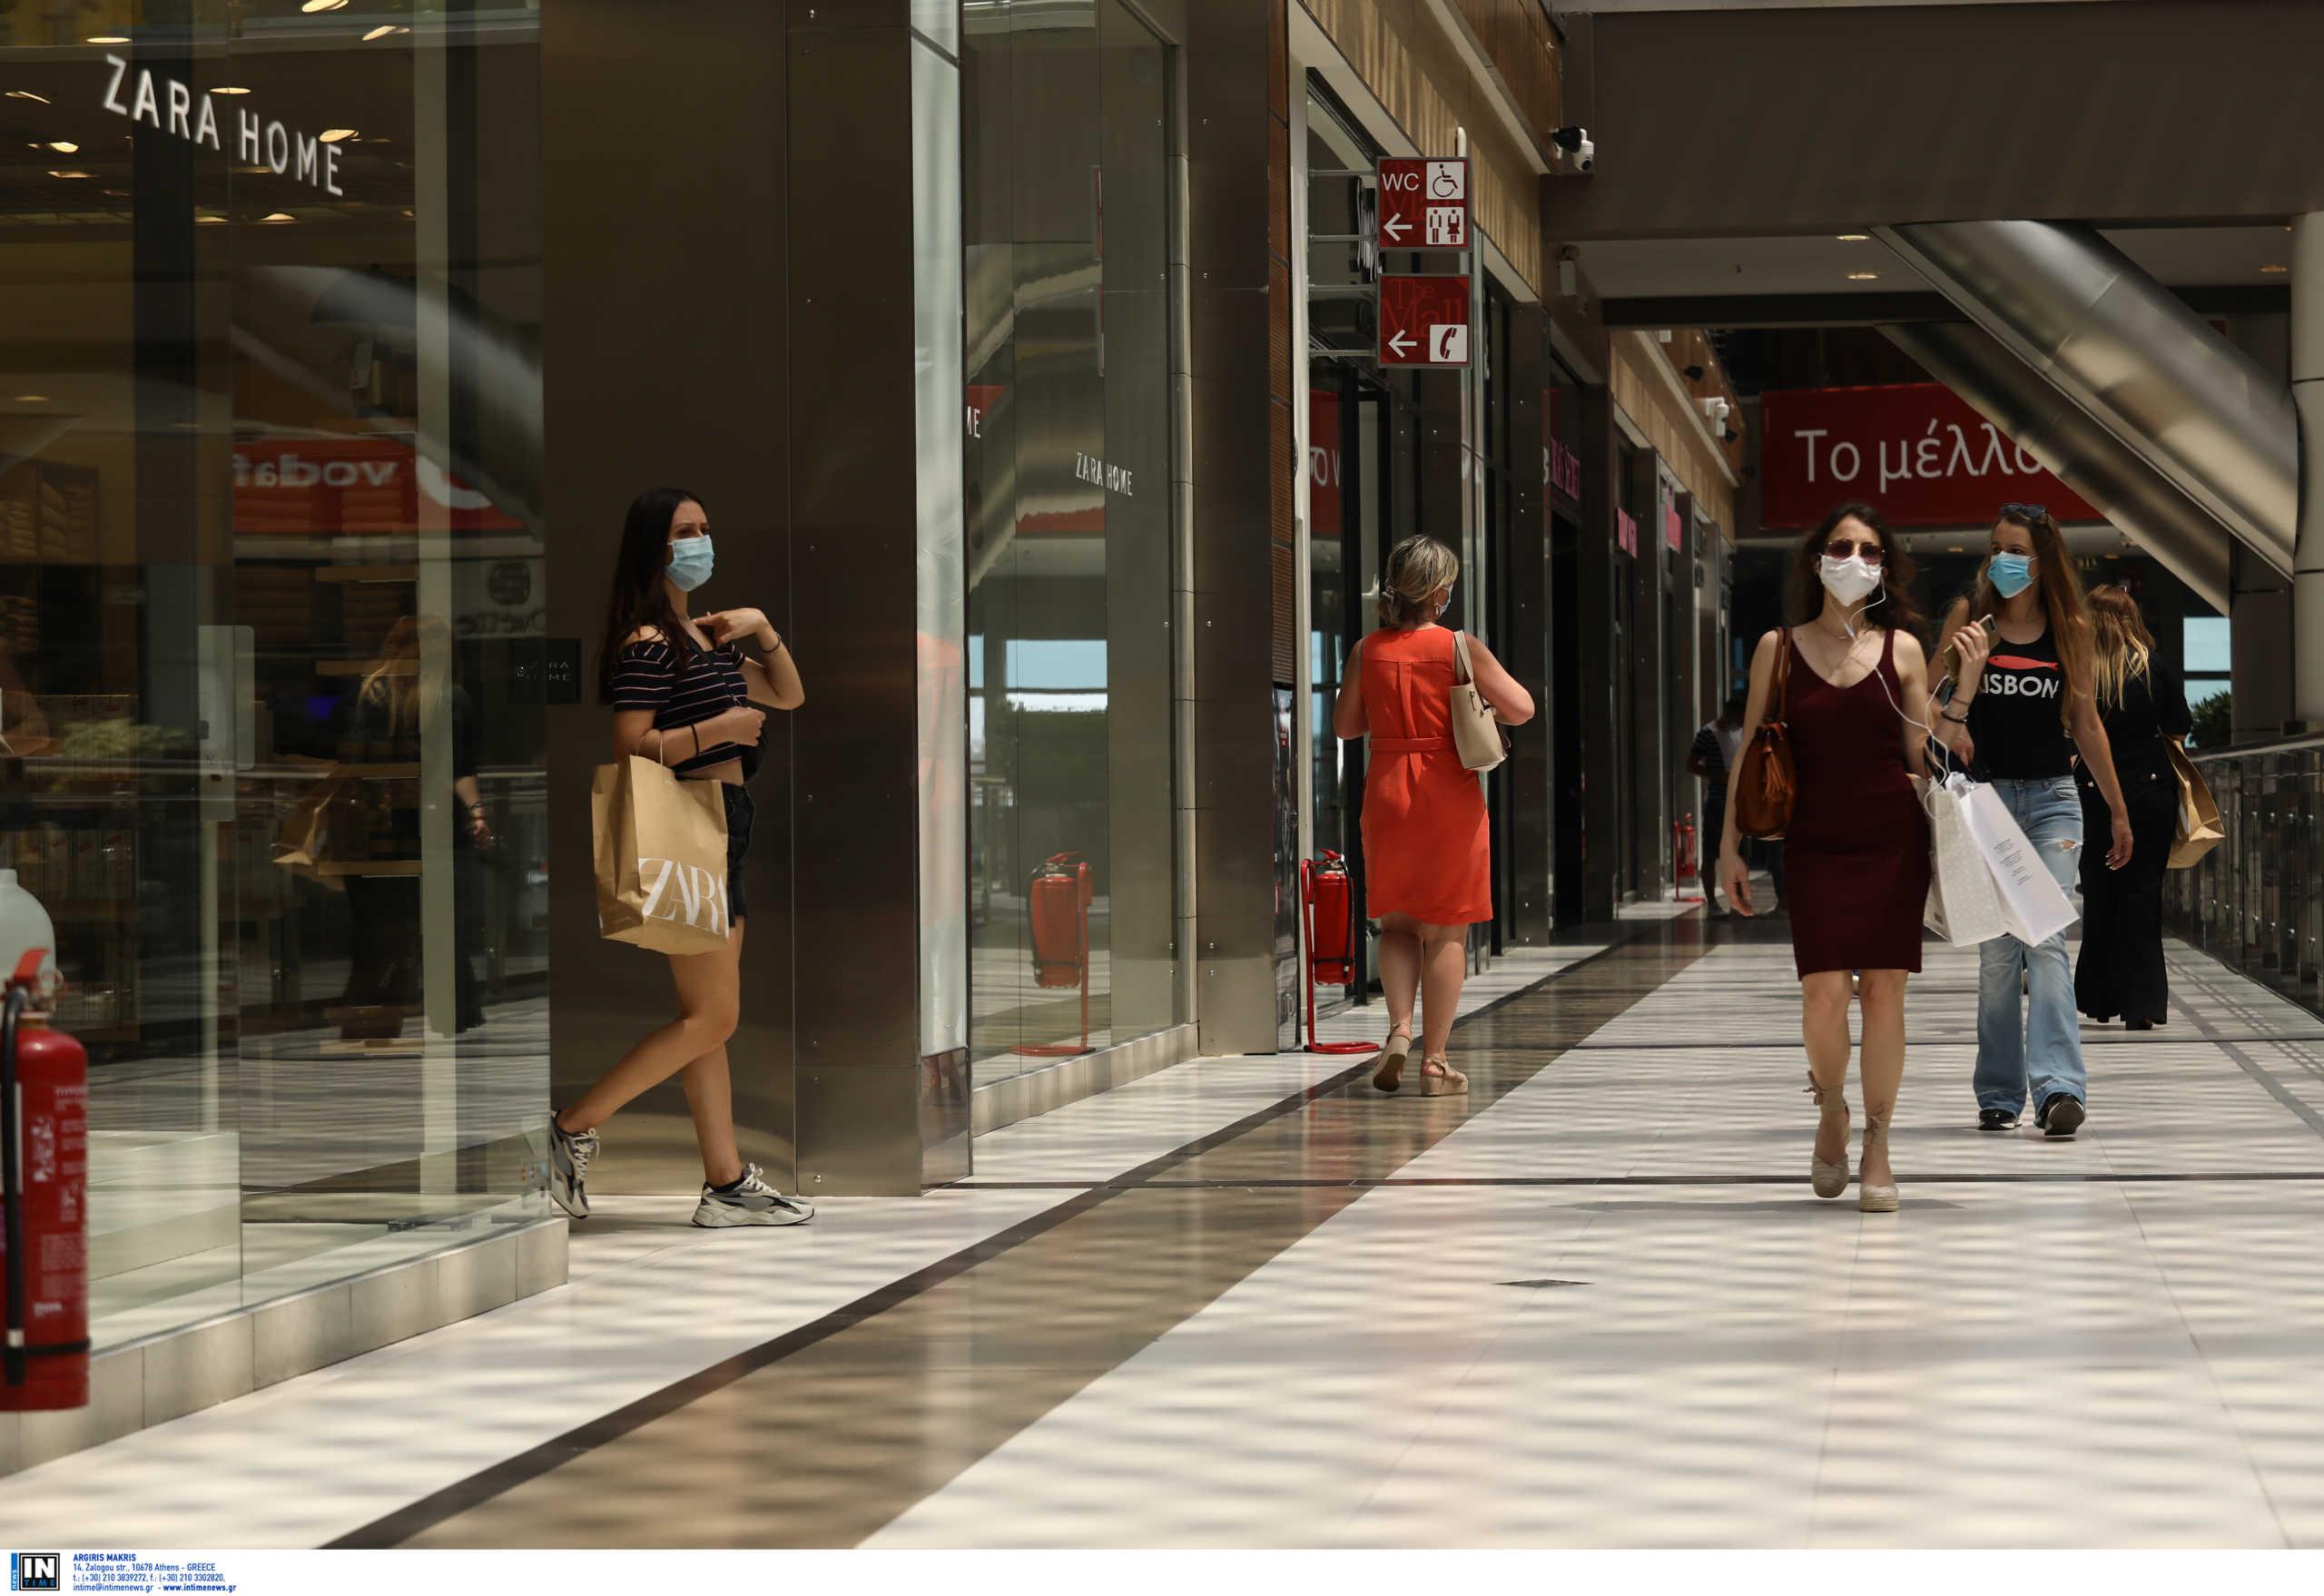 Κορονοϊός: Σε ποιες περιοχές αυξάνεται το επίπεδο συναγερμού και πού μειώνεται